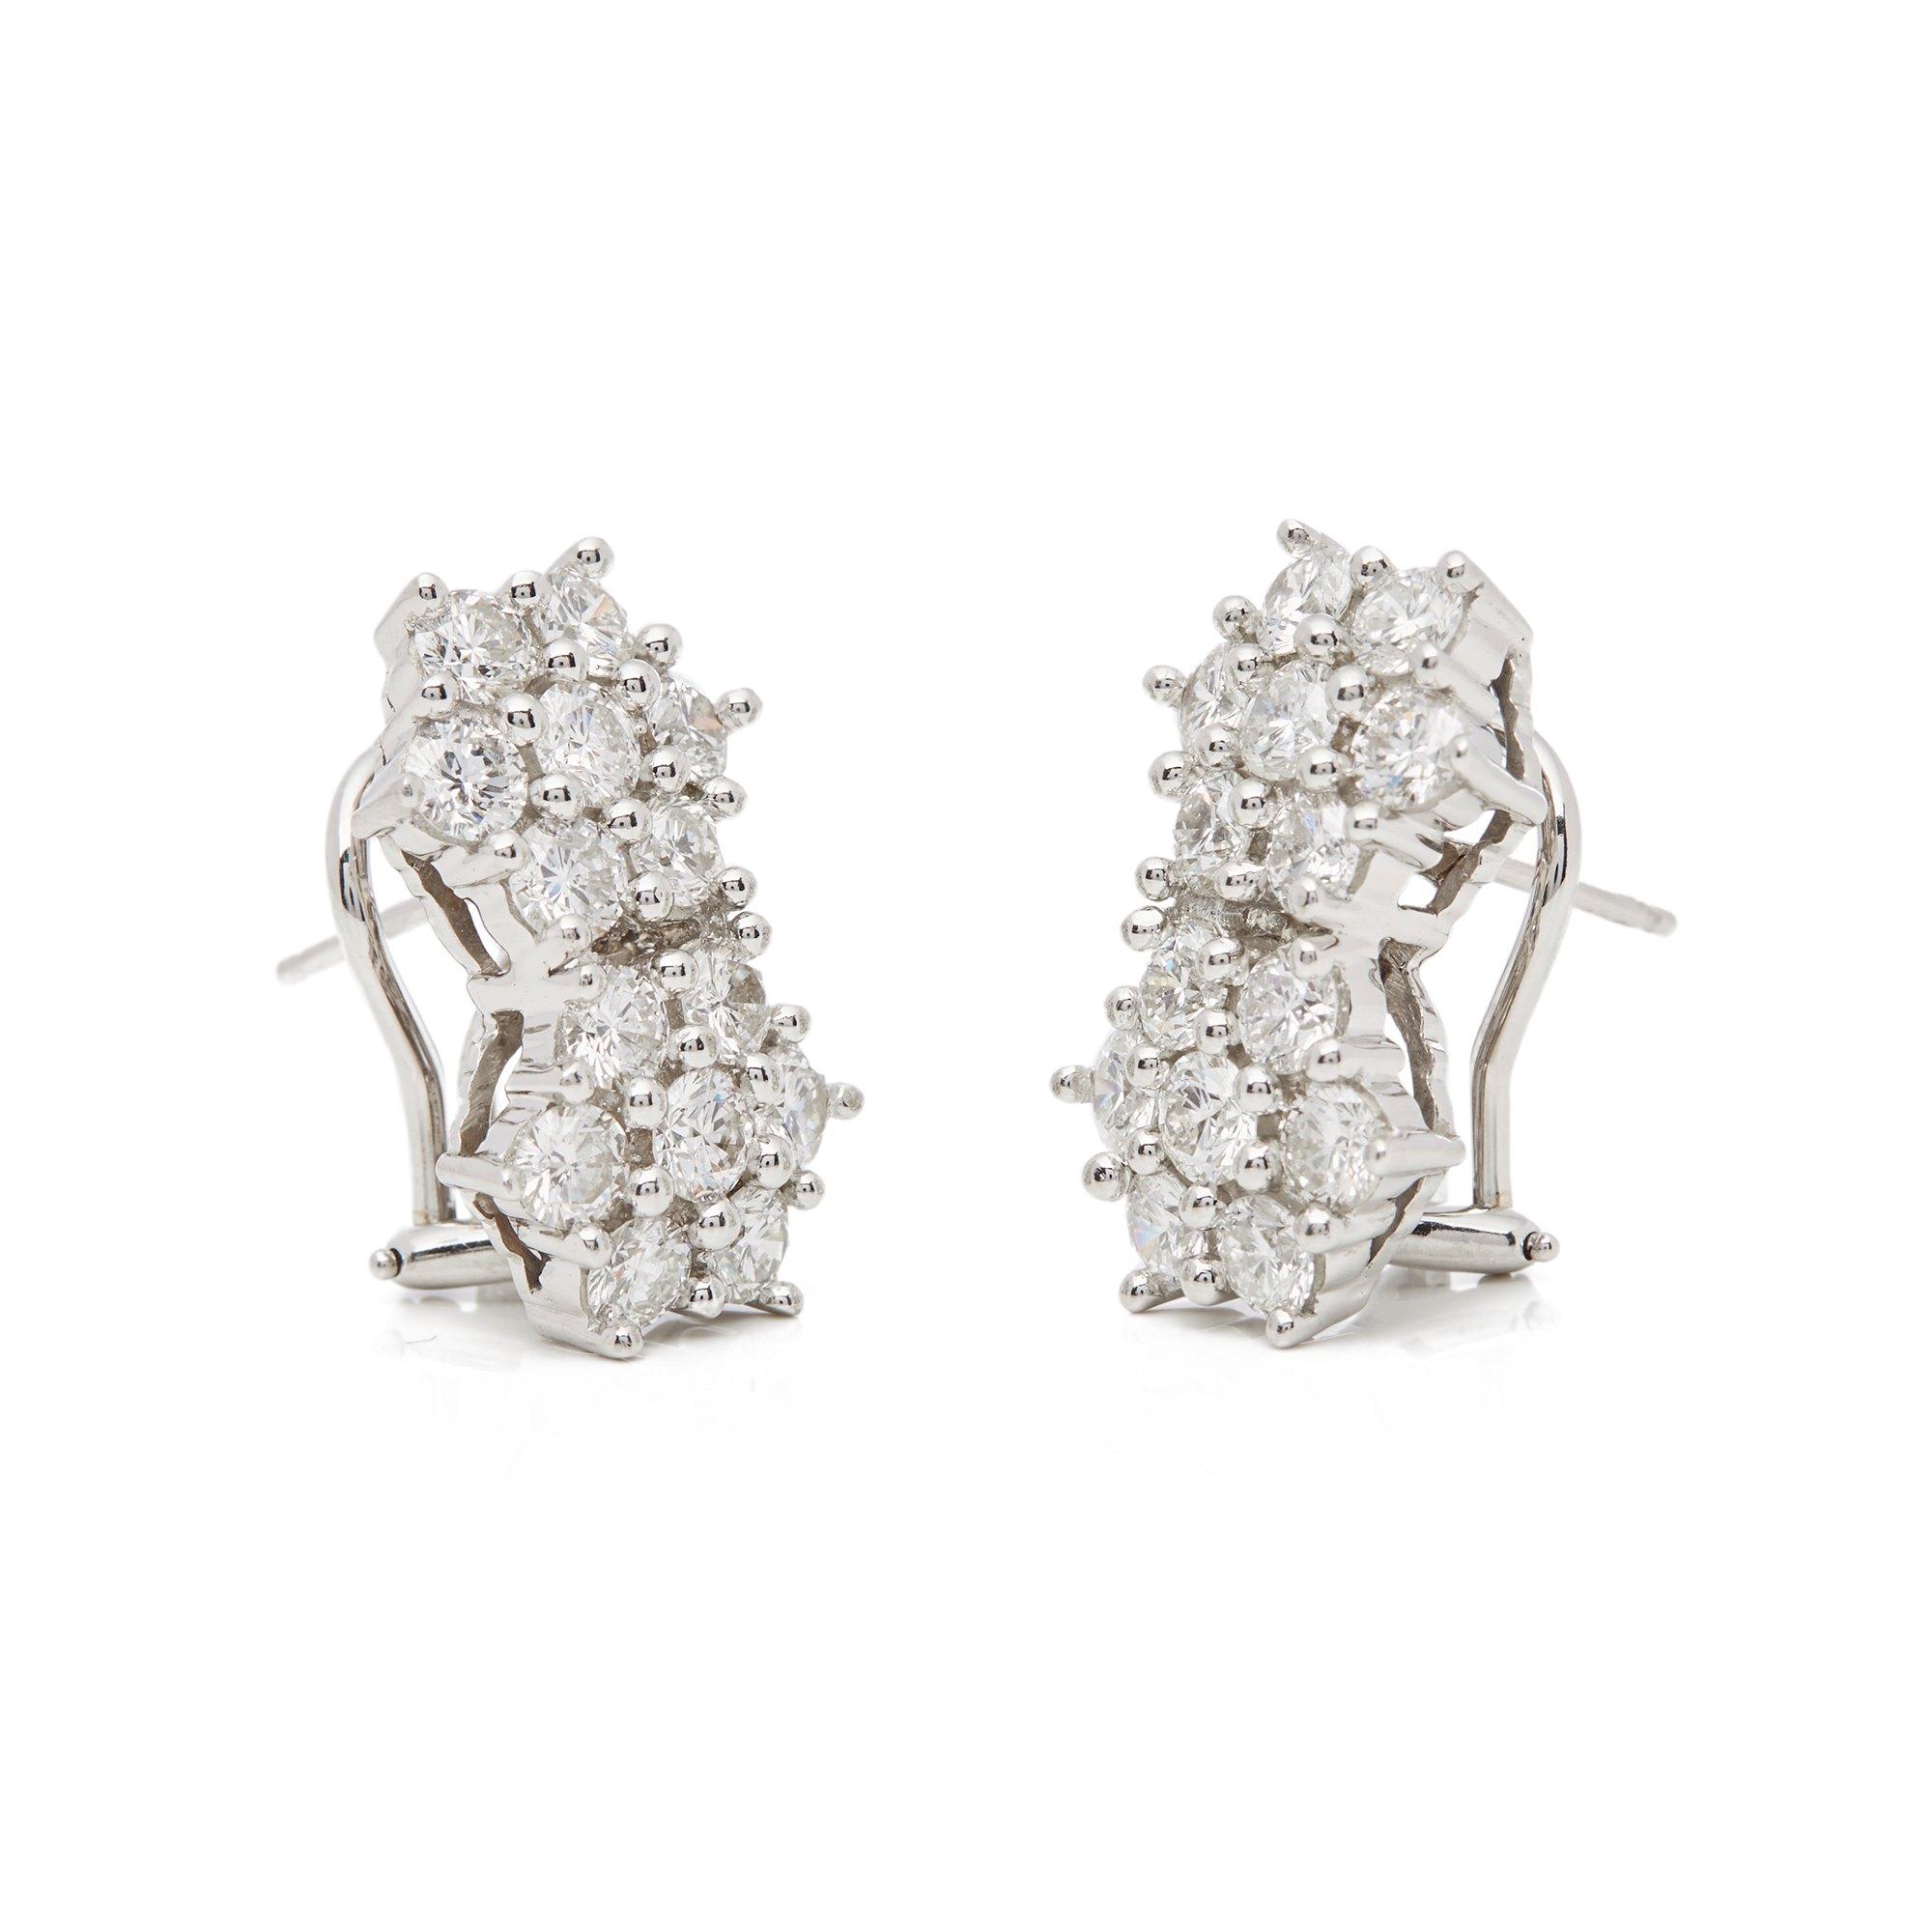 Diamanten 18k White Gold Diamond Double Cluster Earrings